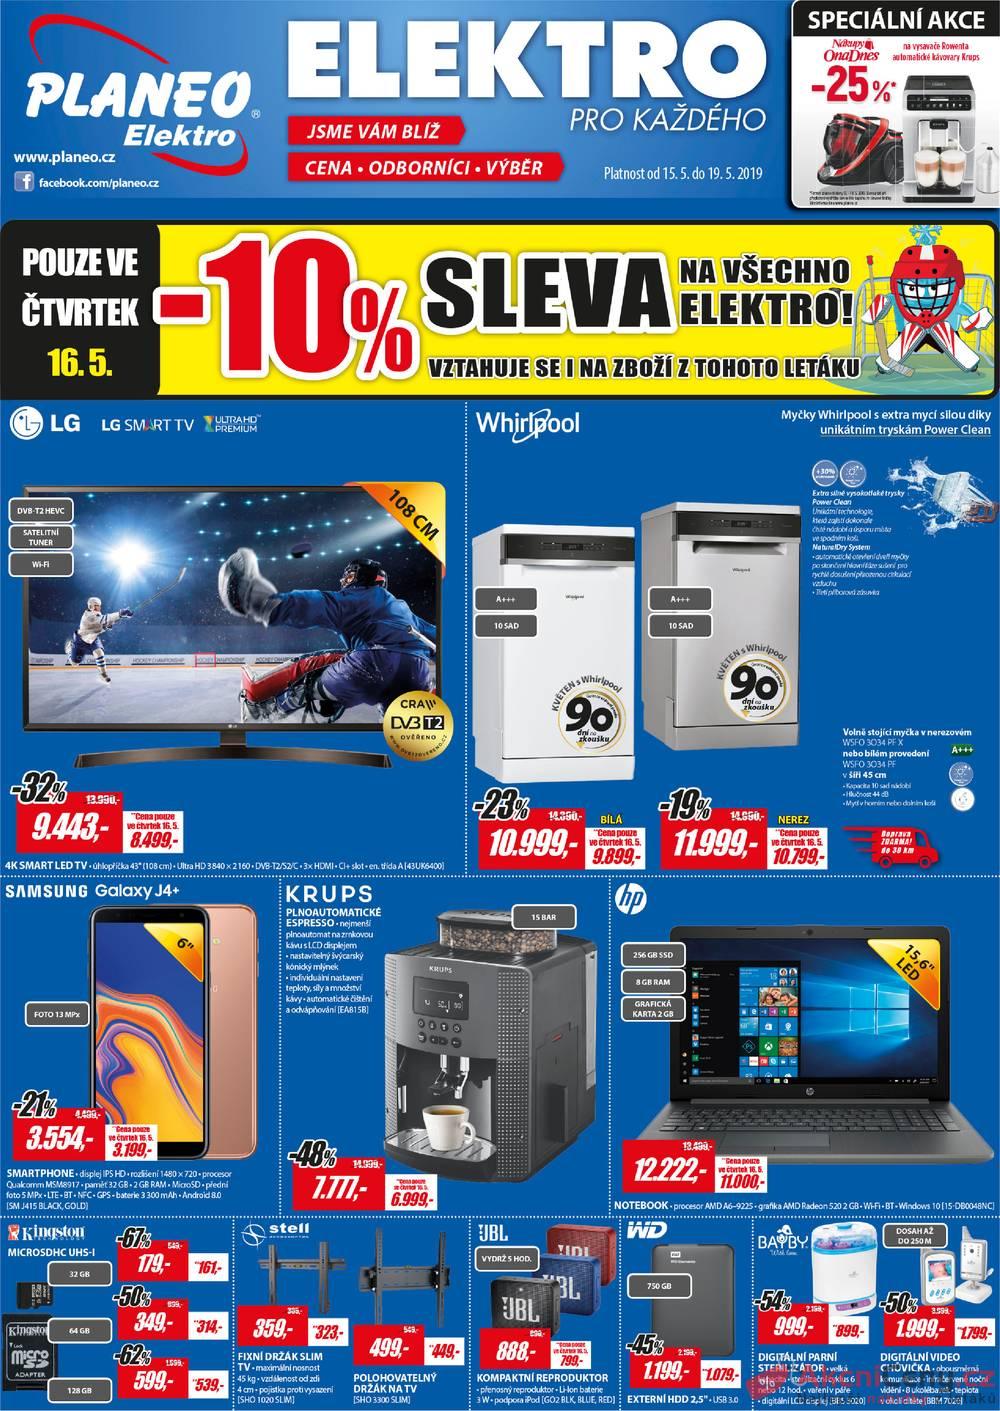 Katalog Planeo Elektro 15.5. - 19.5.